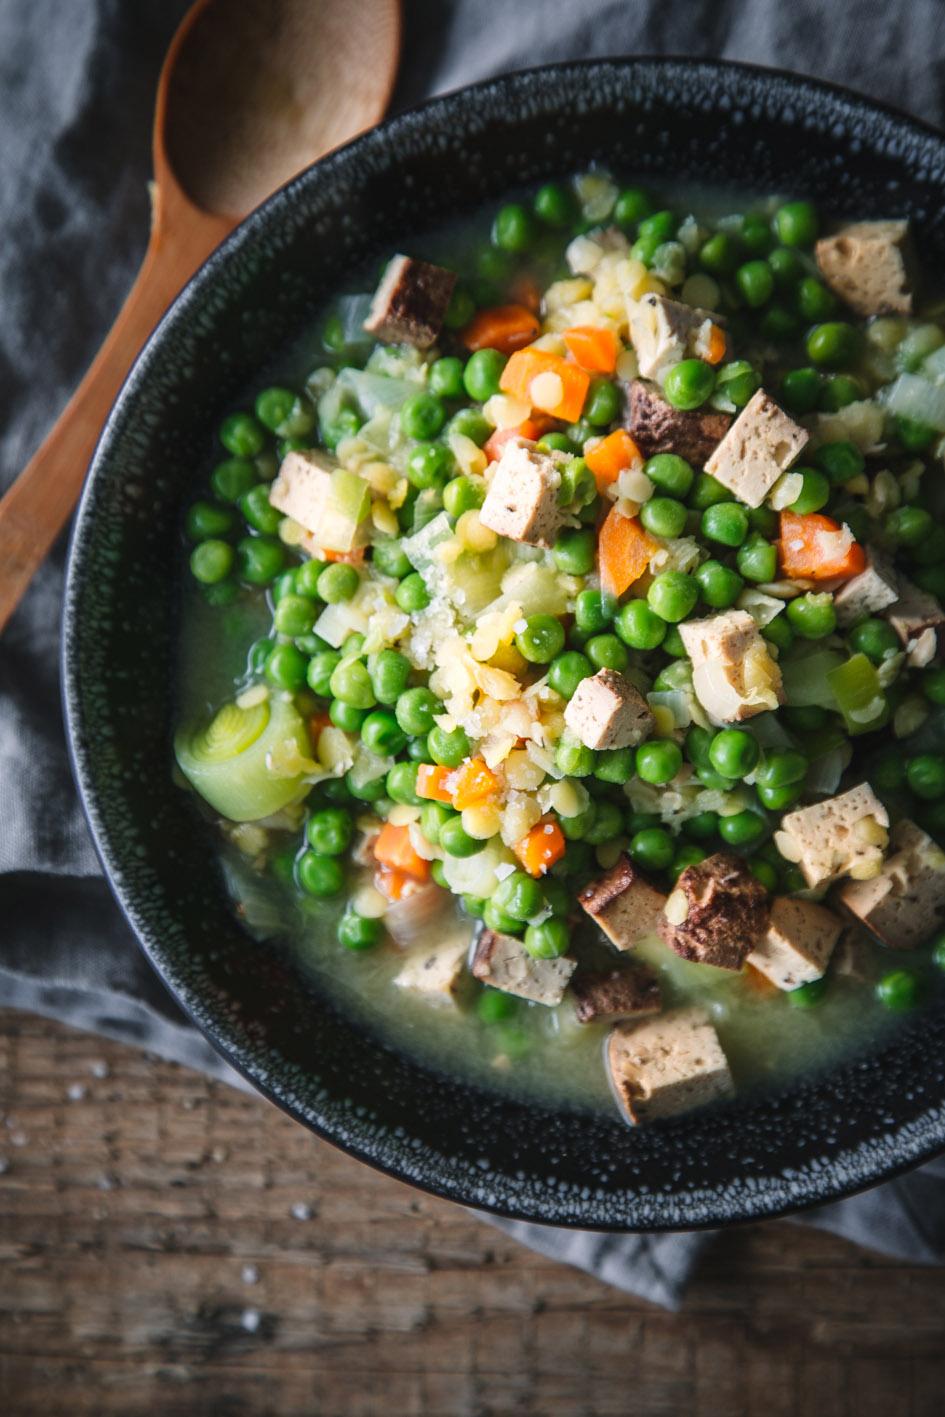 Veganer Erbseneintopf mit Räuchtertofu in Teller auf Holztisch